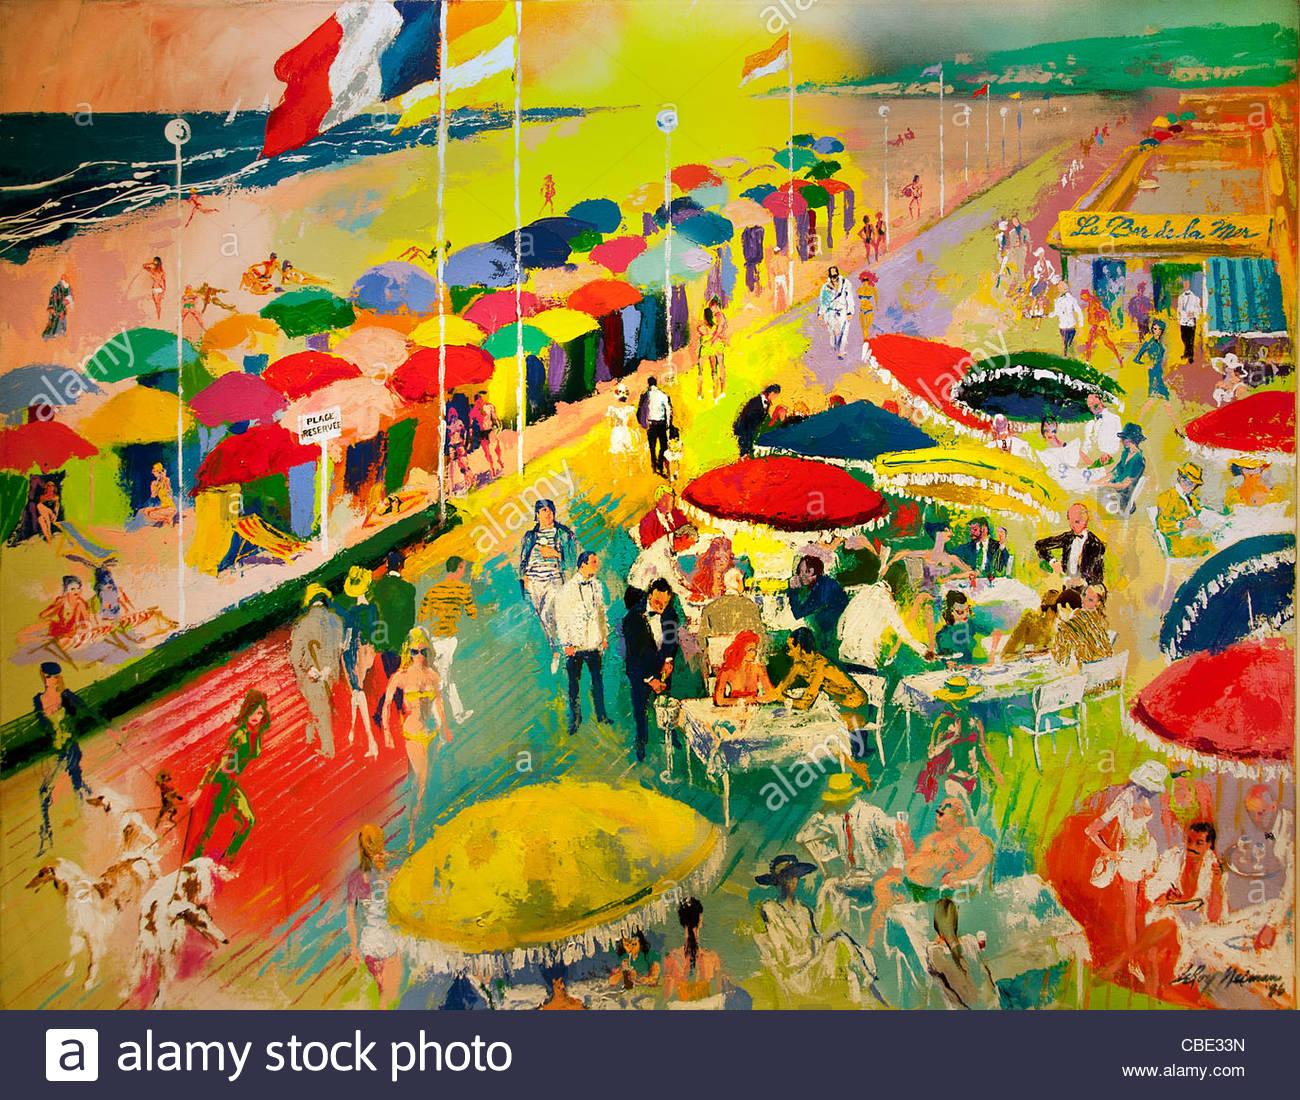 Artiste Peintre St Tropez saint tropez france par leroy neiman 1921 artiste peintre